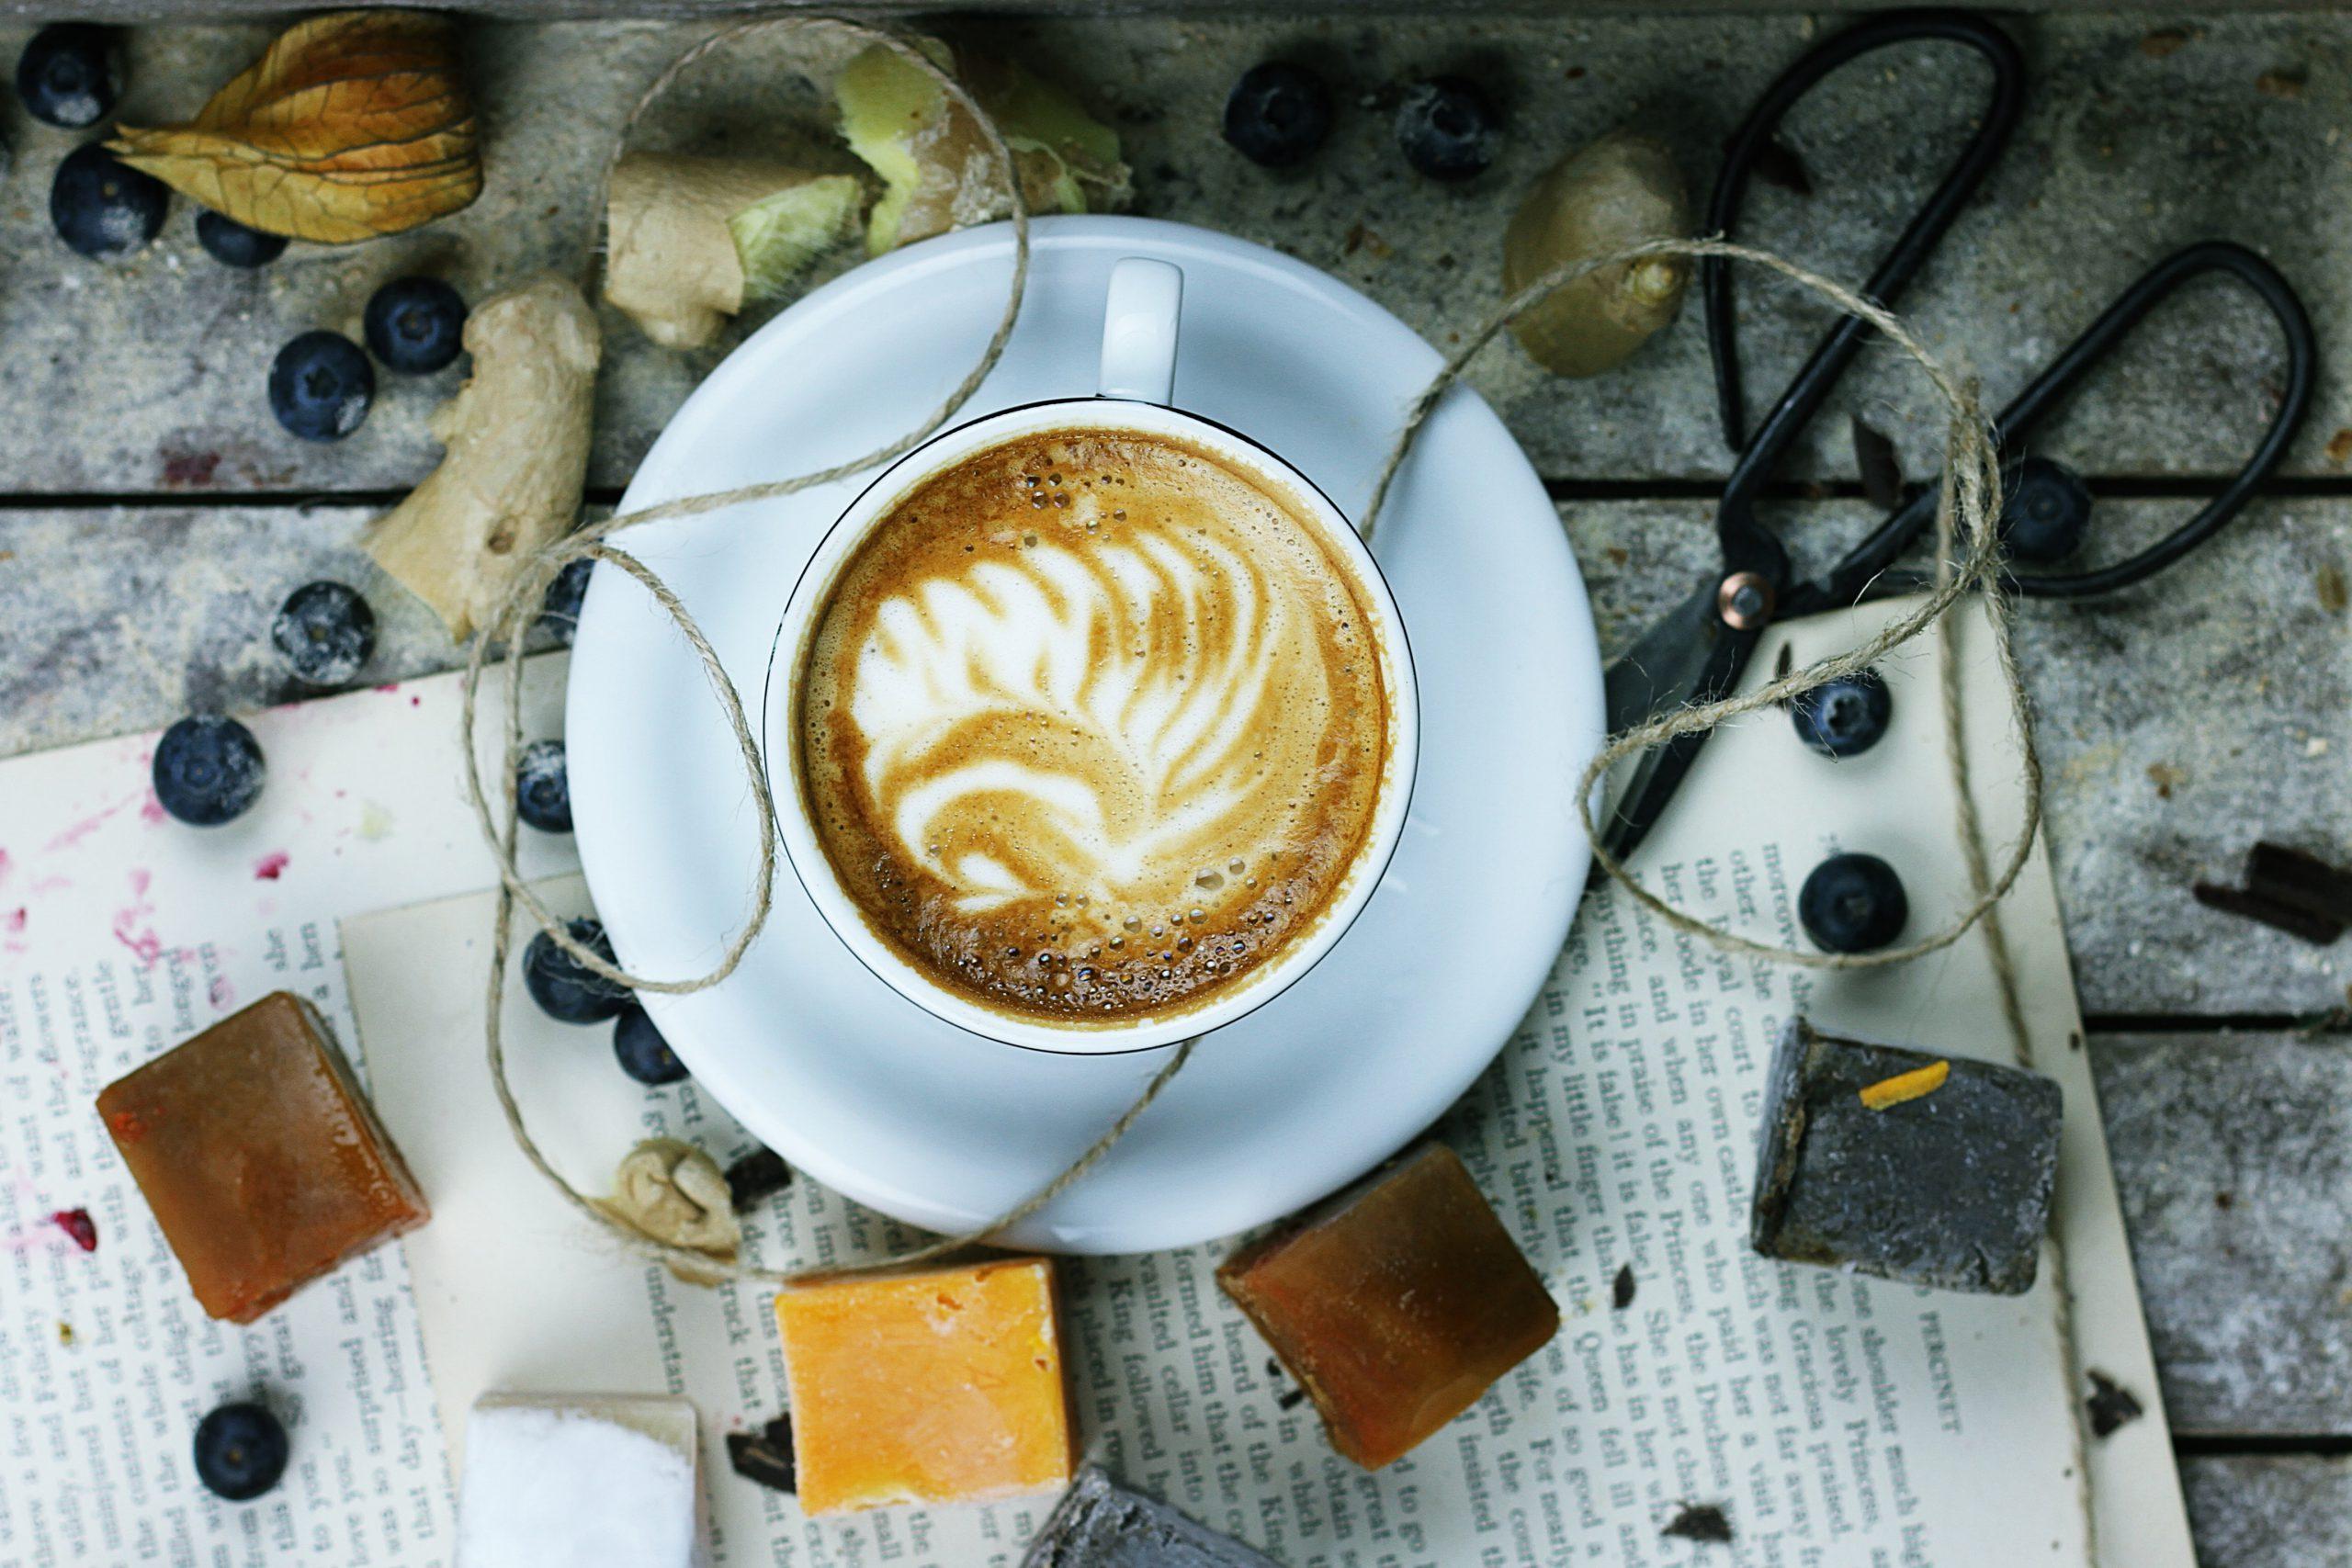 El café, fuente de antioxidantes